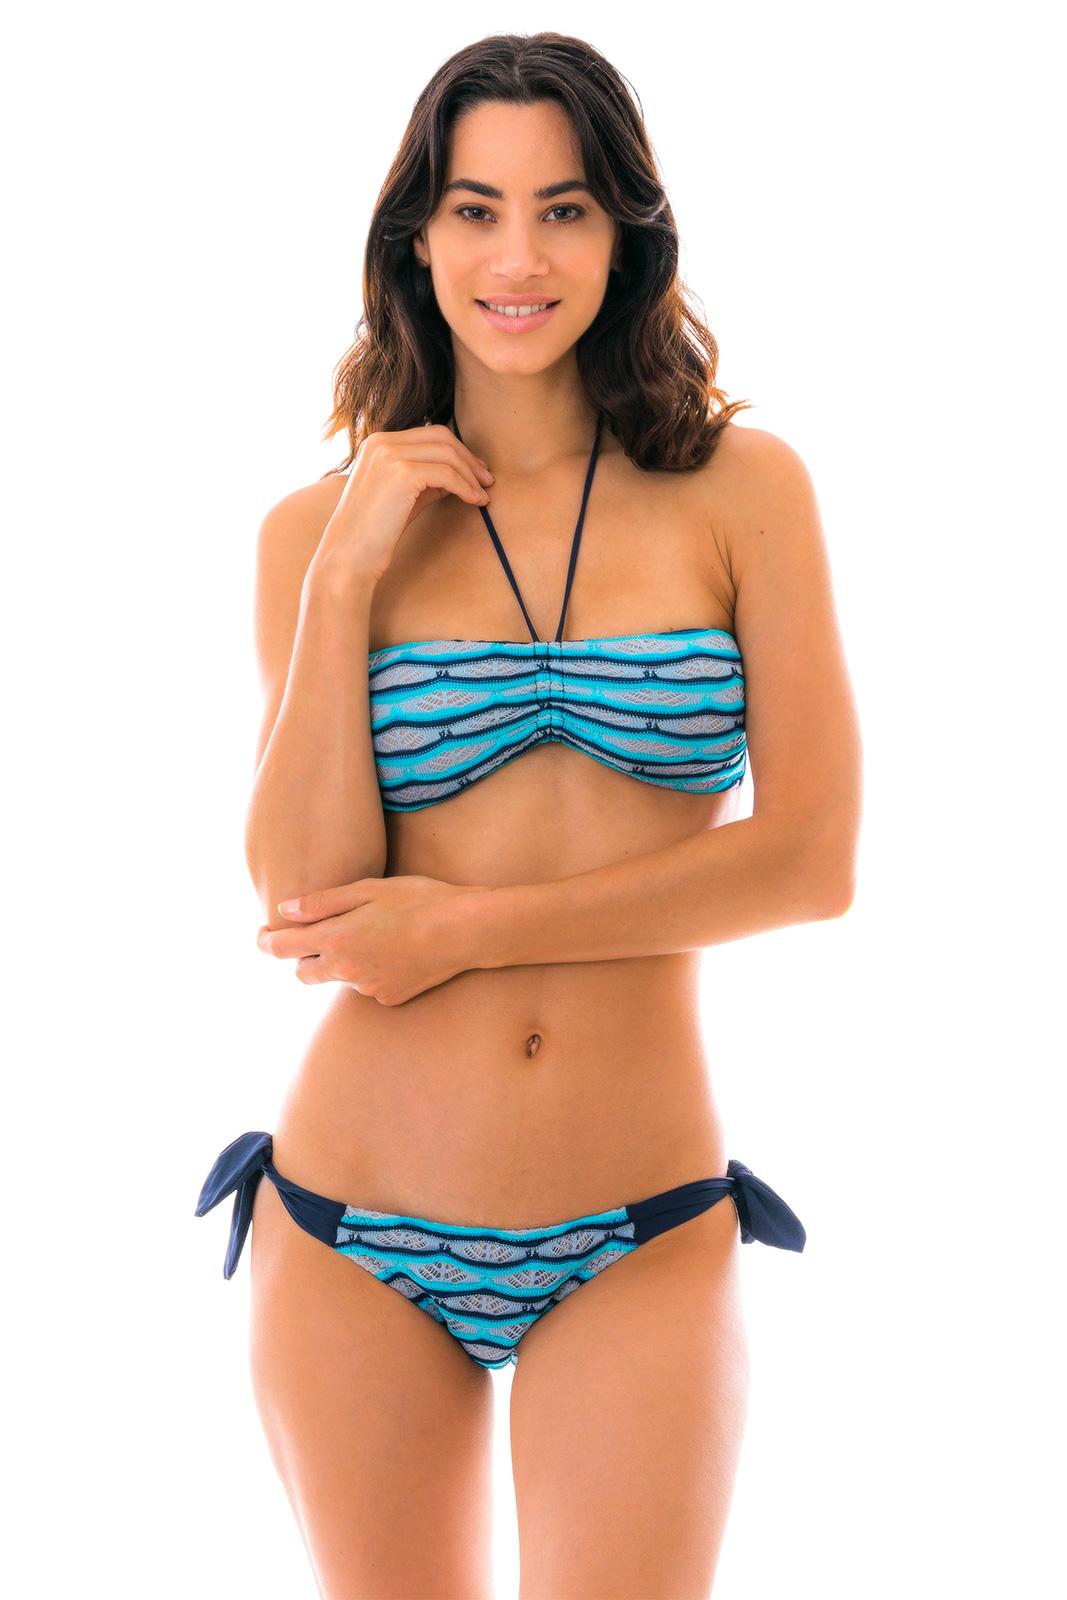 59a0c11c0ac298 Bikini Bandeau Crochet Bleu/noir Bas à Nouettes - Dione Azul